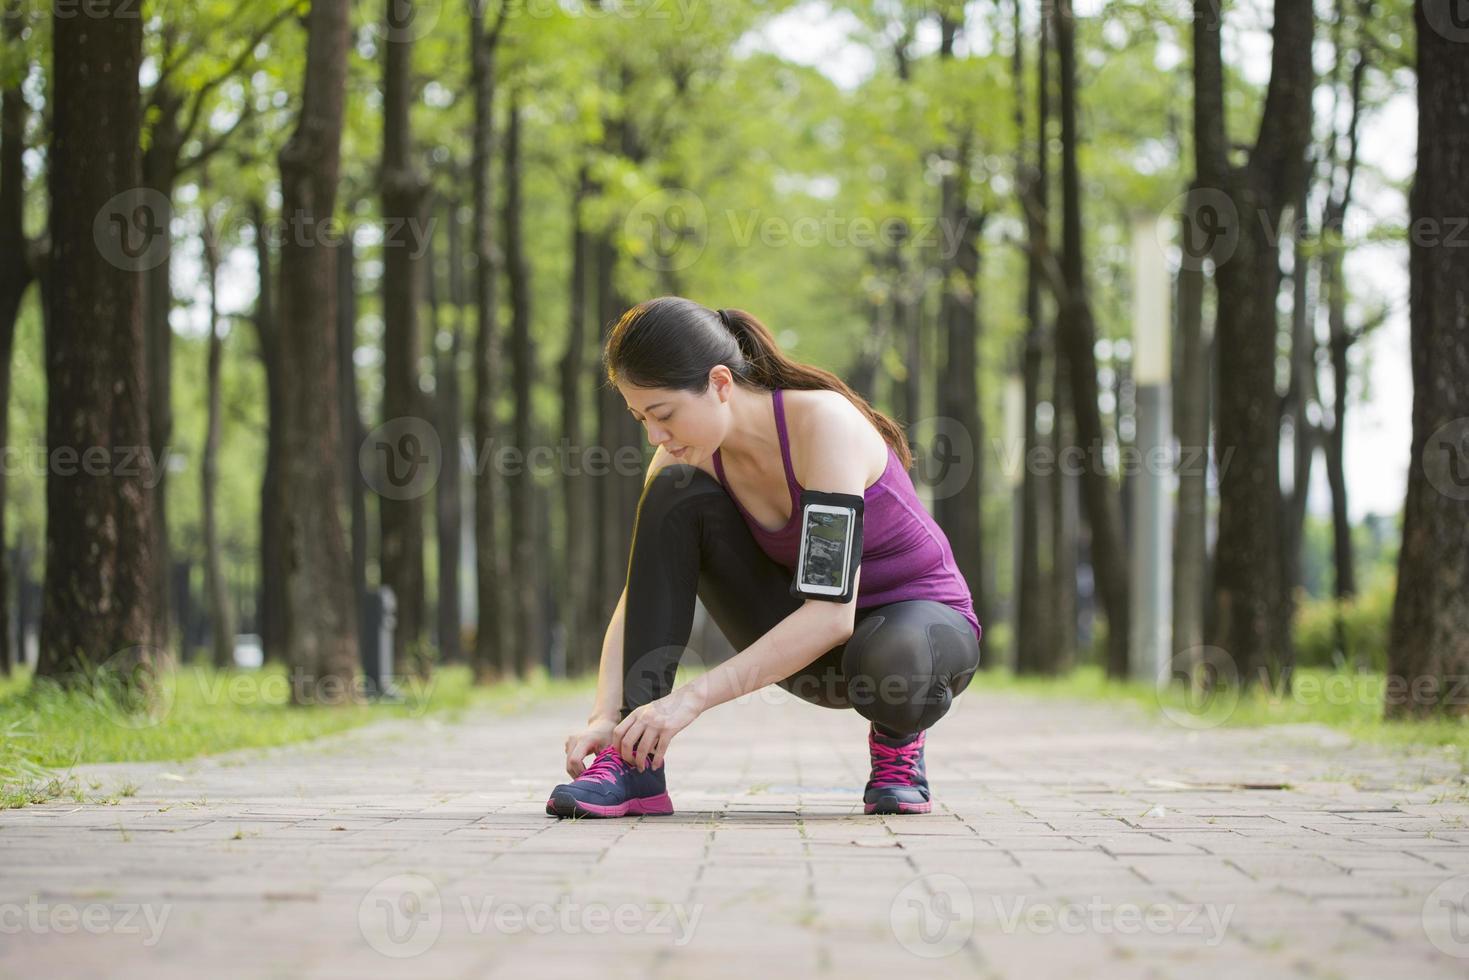 asiatische junge Frau Läufer binden Schnürsenkel gesunden Lebensstil foto